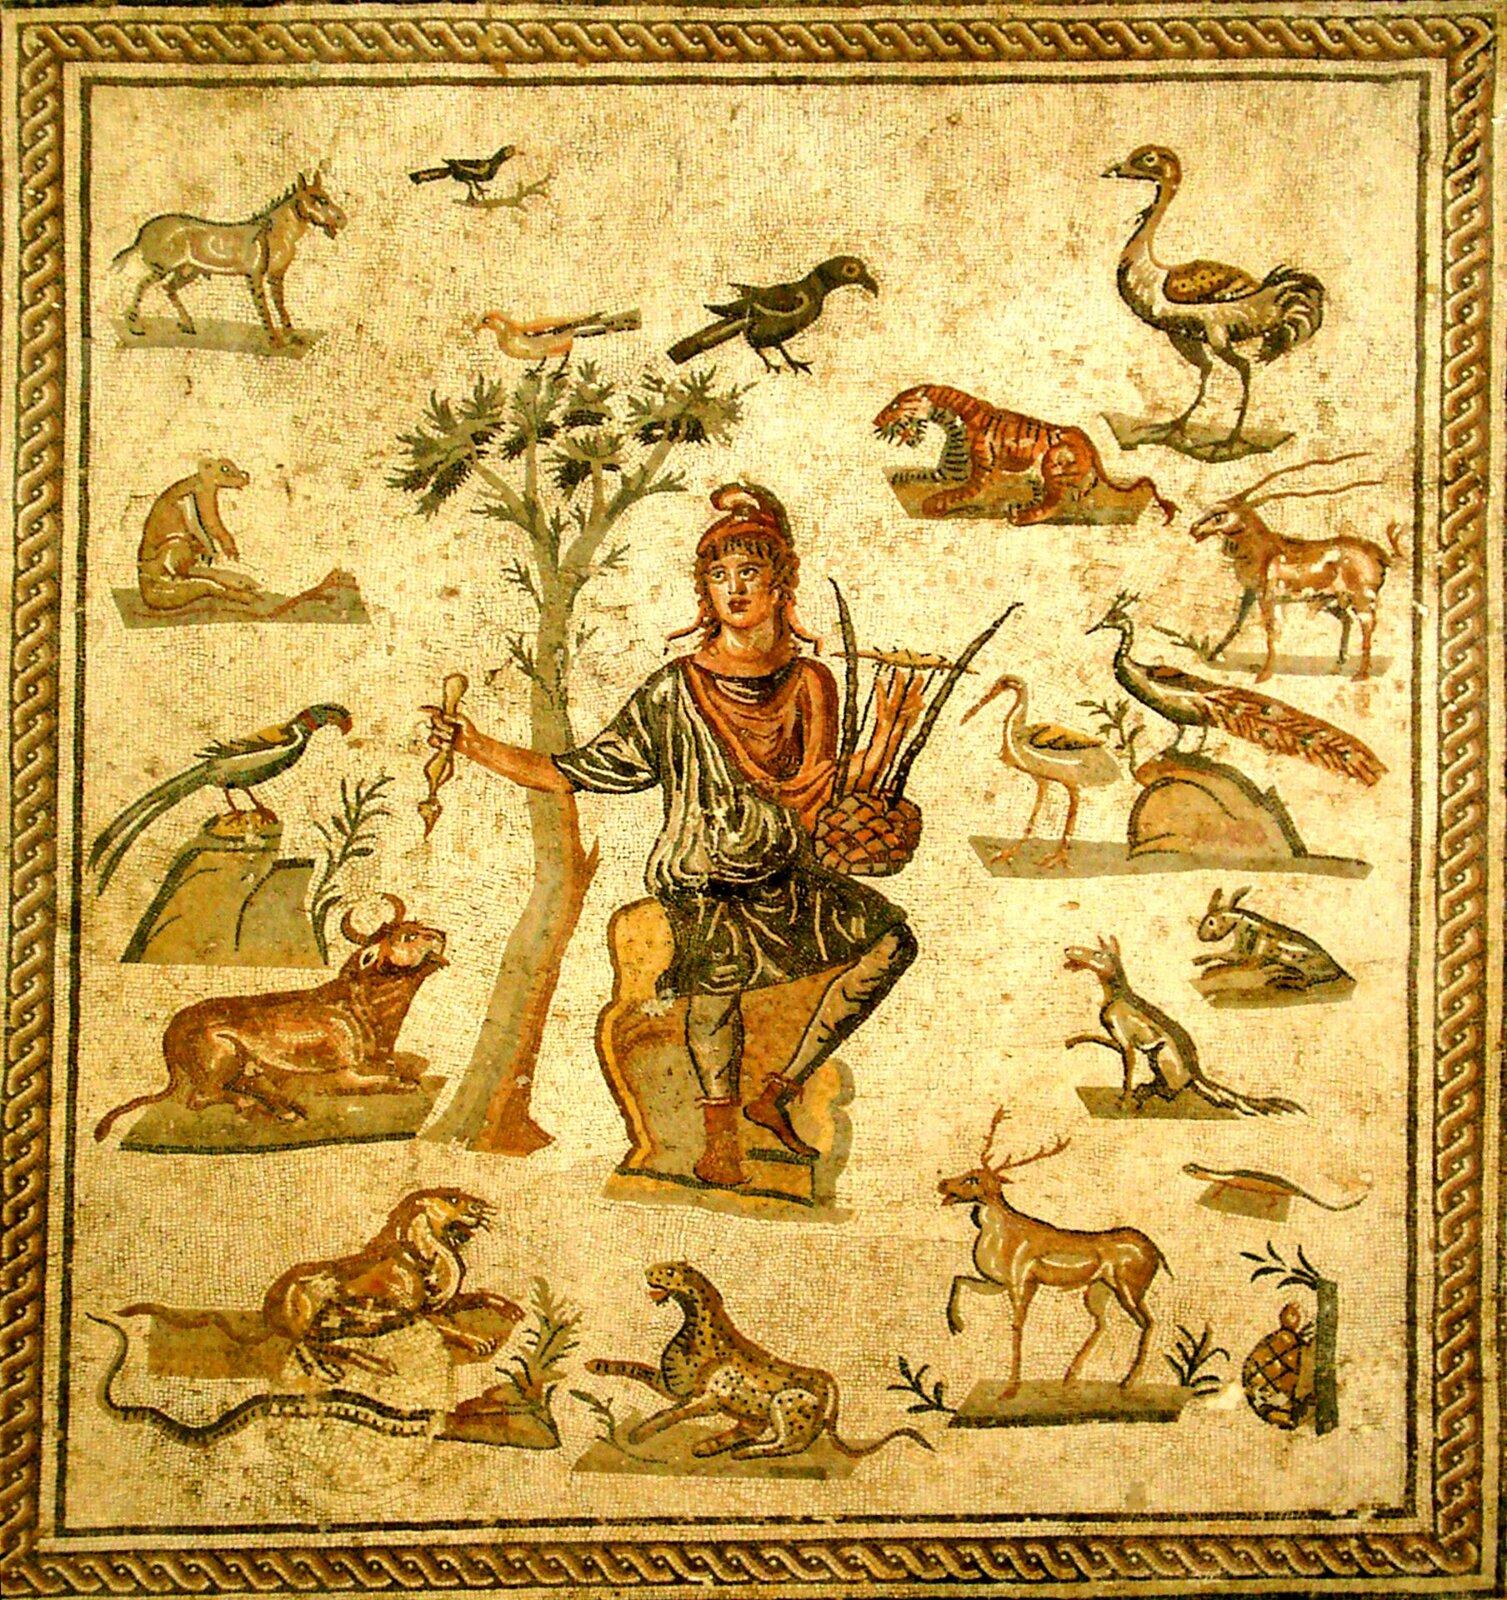 """Ilustracja przestawia mozaikę rzymską zatytułowaną """"Orfeusz wotoczeniu zwierząt"""". Jest ona utrzymana wciepłej tonacji. Na jasnożółtym tle pośrodku widnieje postać Orfeusza siedzącego na skale pod drzewem. Jest ubrany wkrótką szatę; wjednej ręce trzyma lirę, wdrugiej przyrząd do szarpania strun. Dookoła postaci Orfeusza przedstawione są różne zwierzęta, wtym liczne ptaki. Wydają się słuchać dźwięków muzyki."""